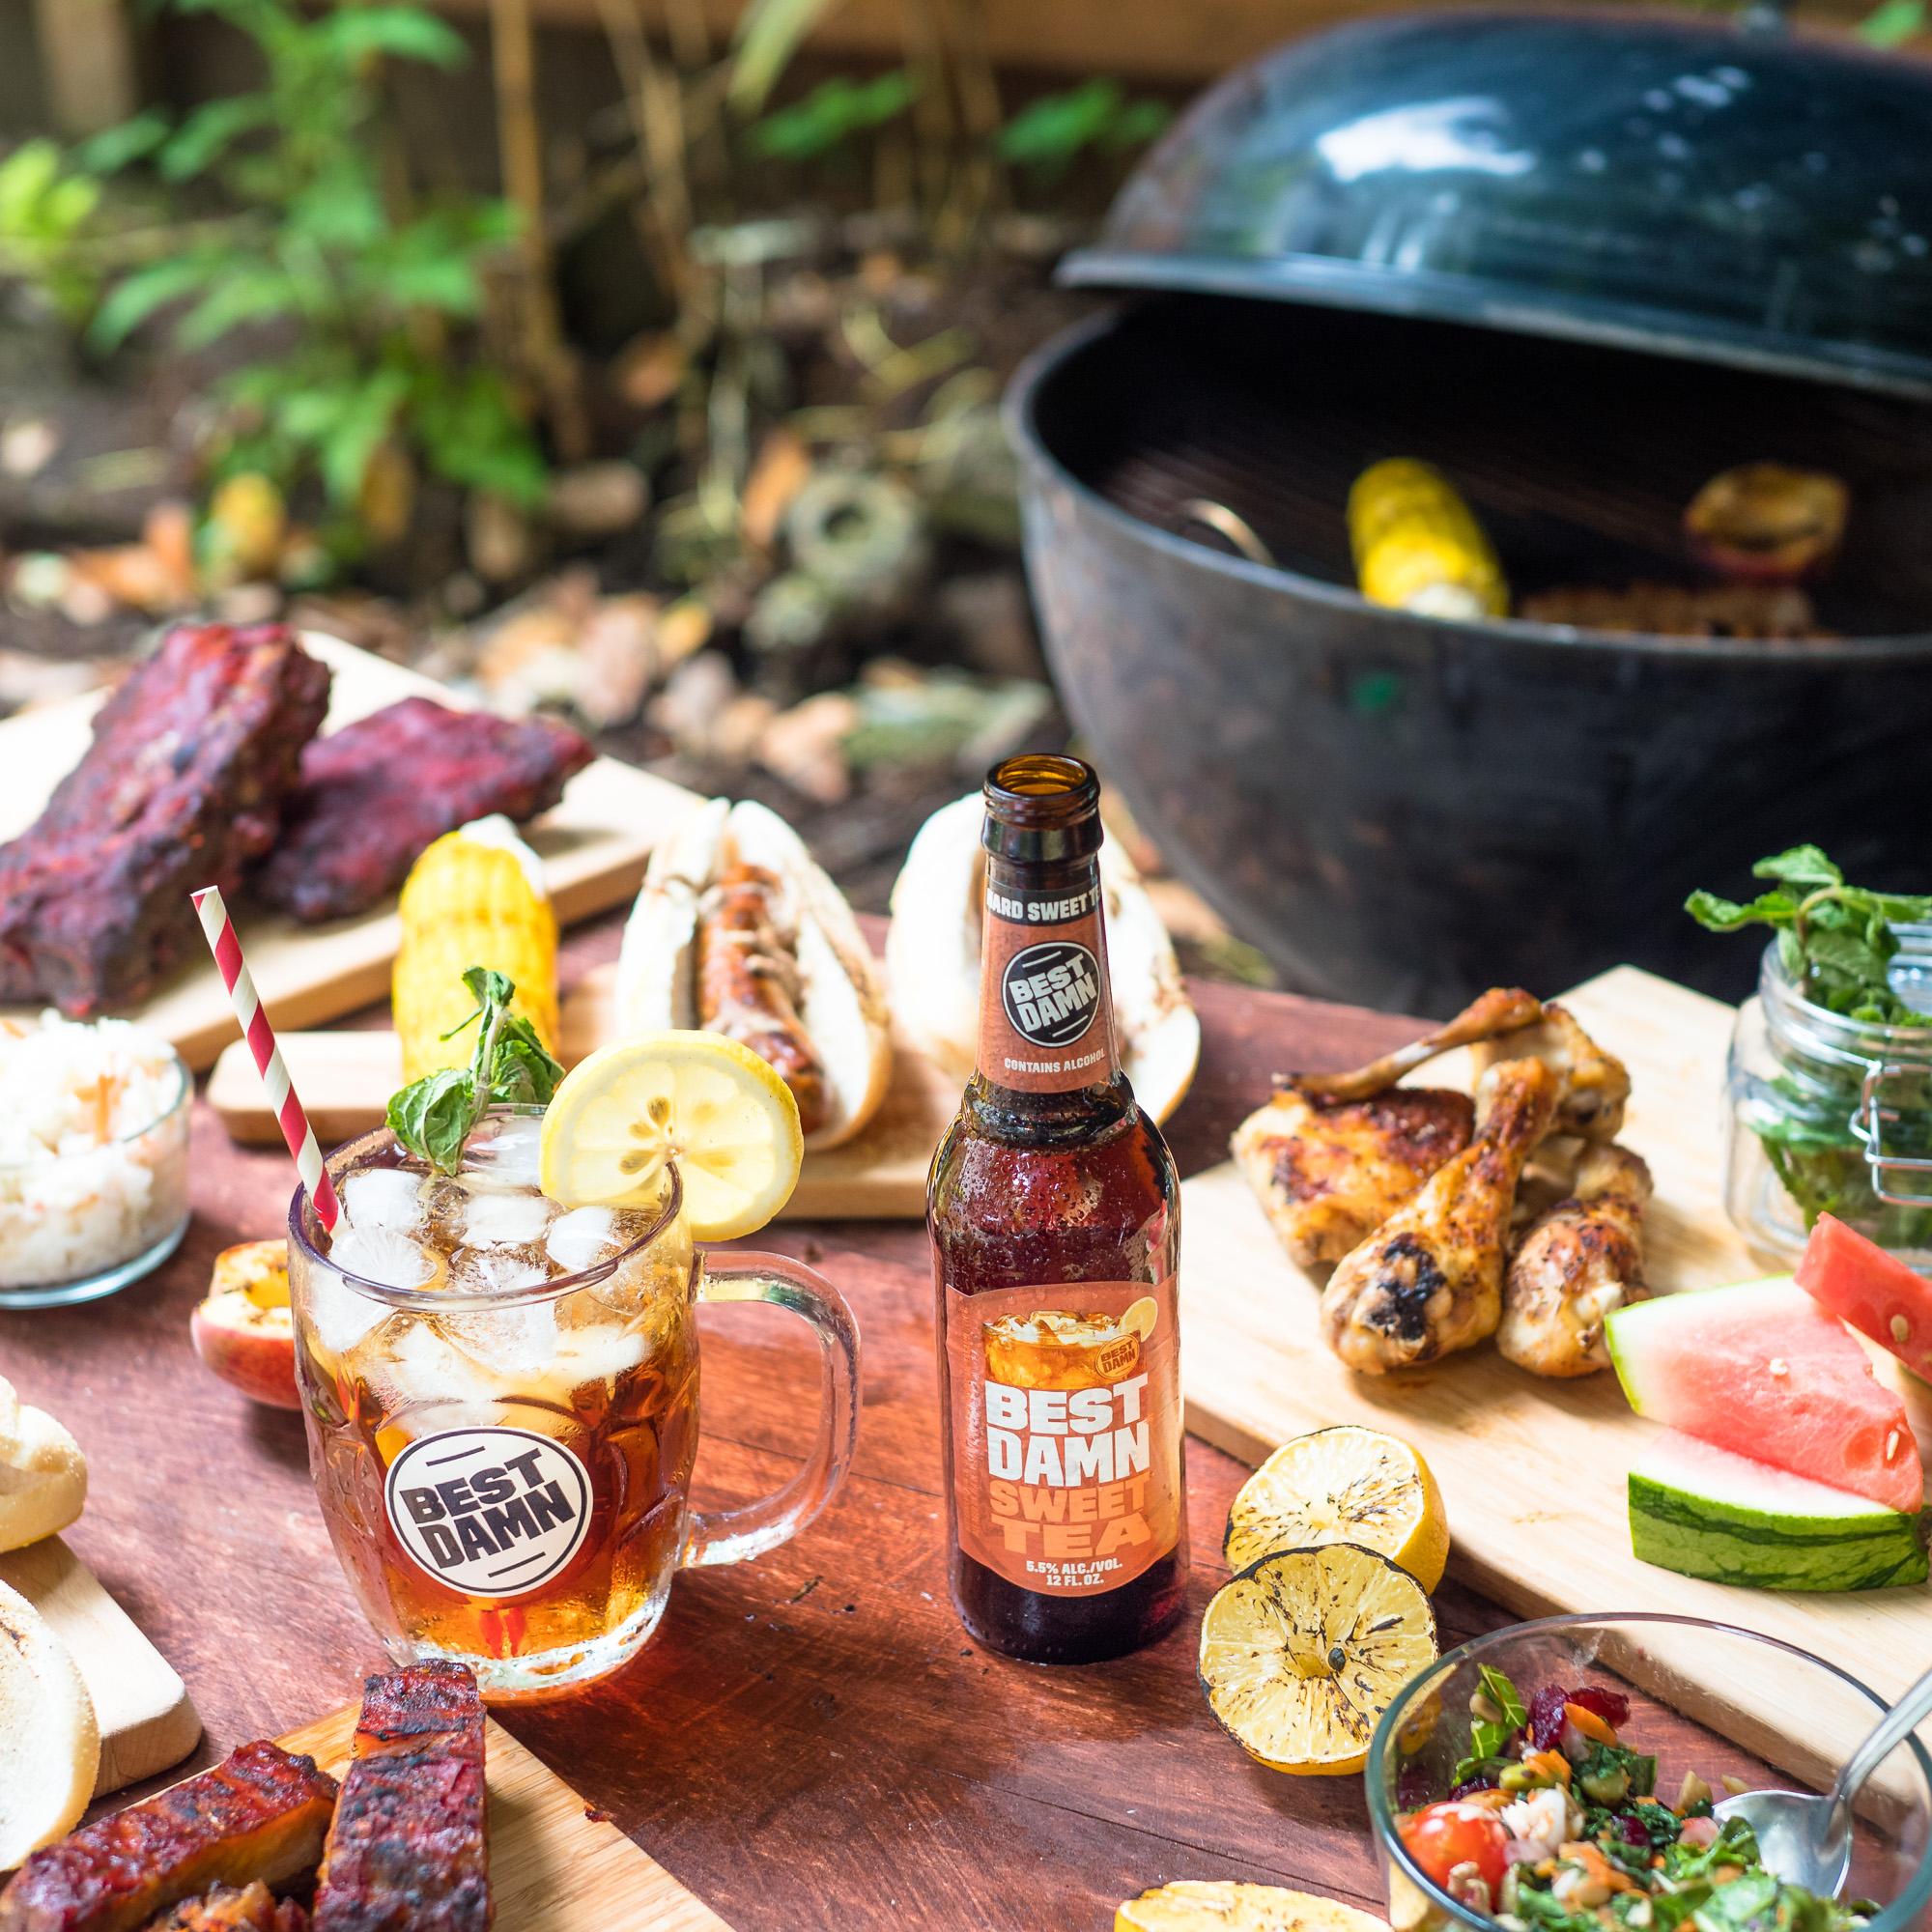 national best damn jeremy pawlowski portland food photographer-7.jpg